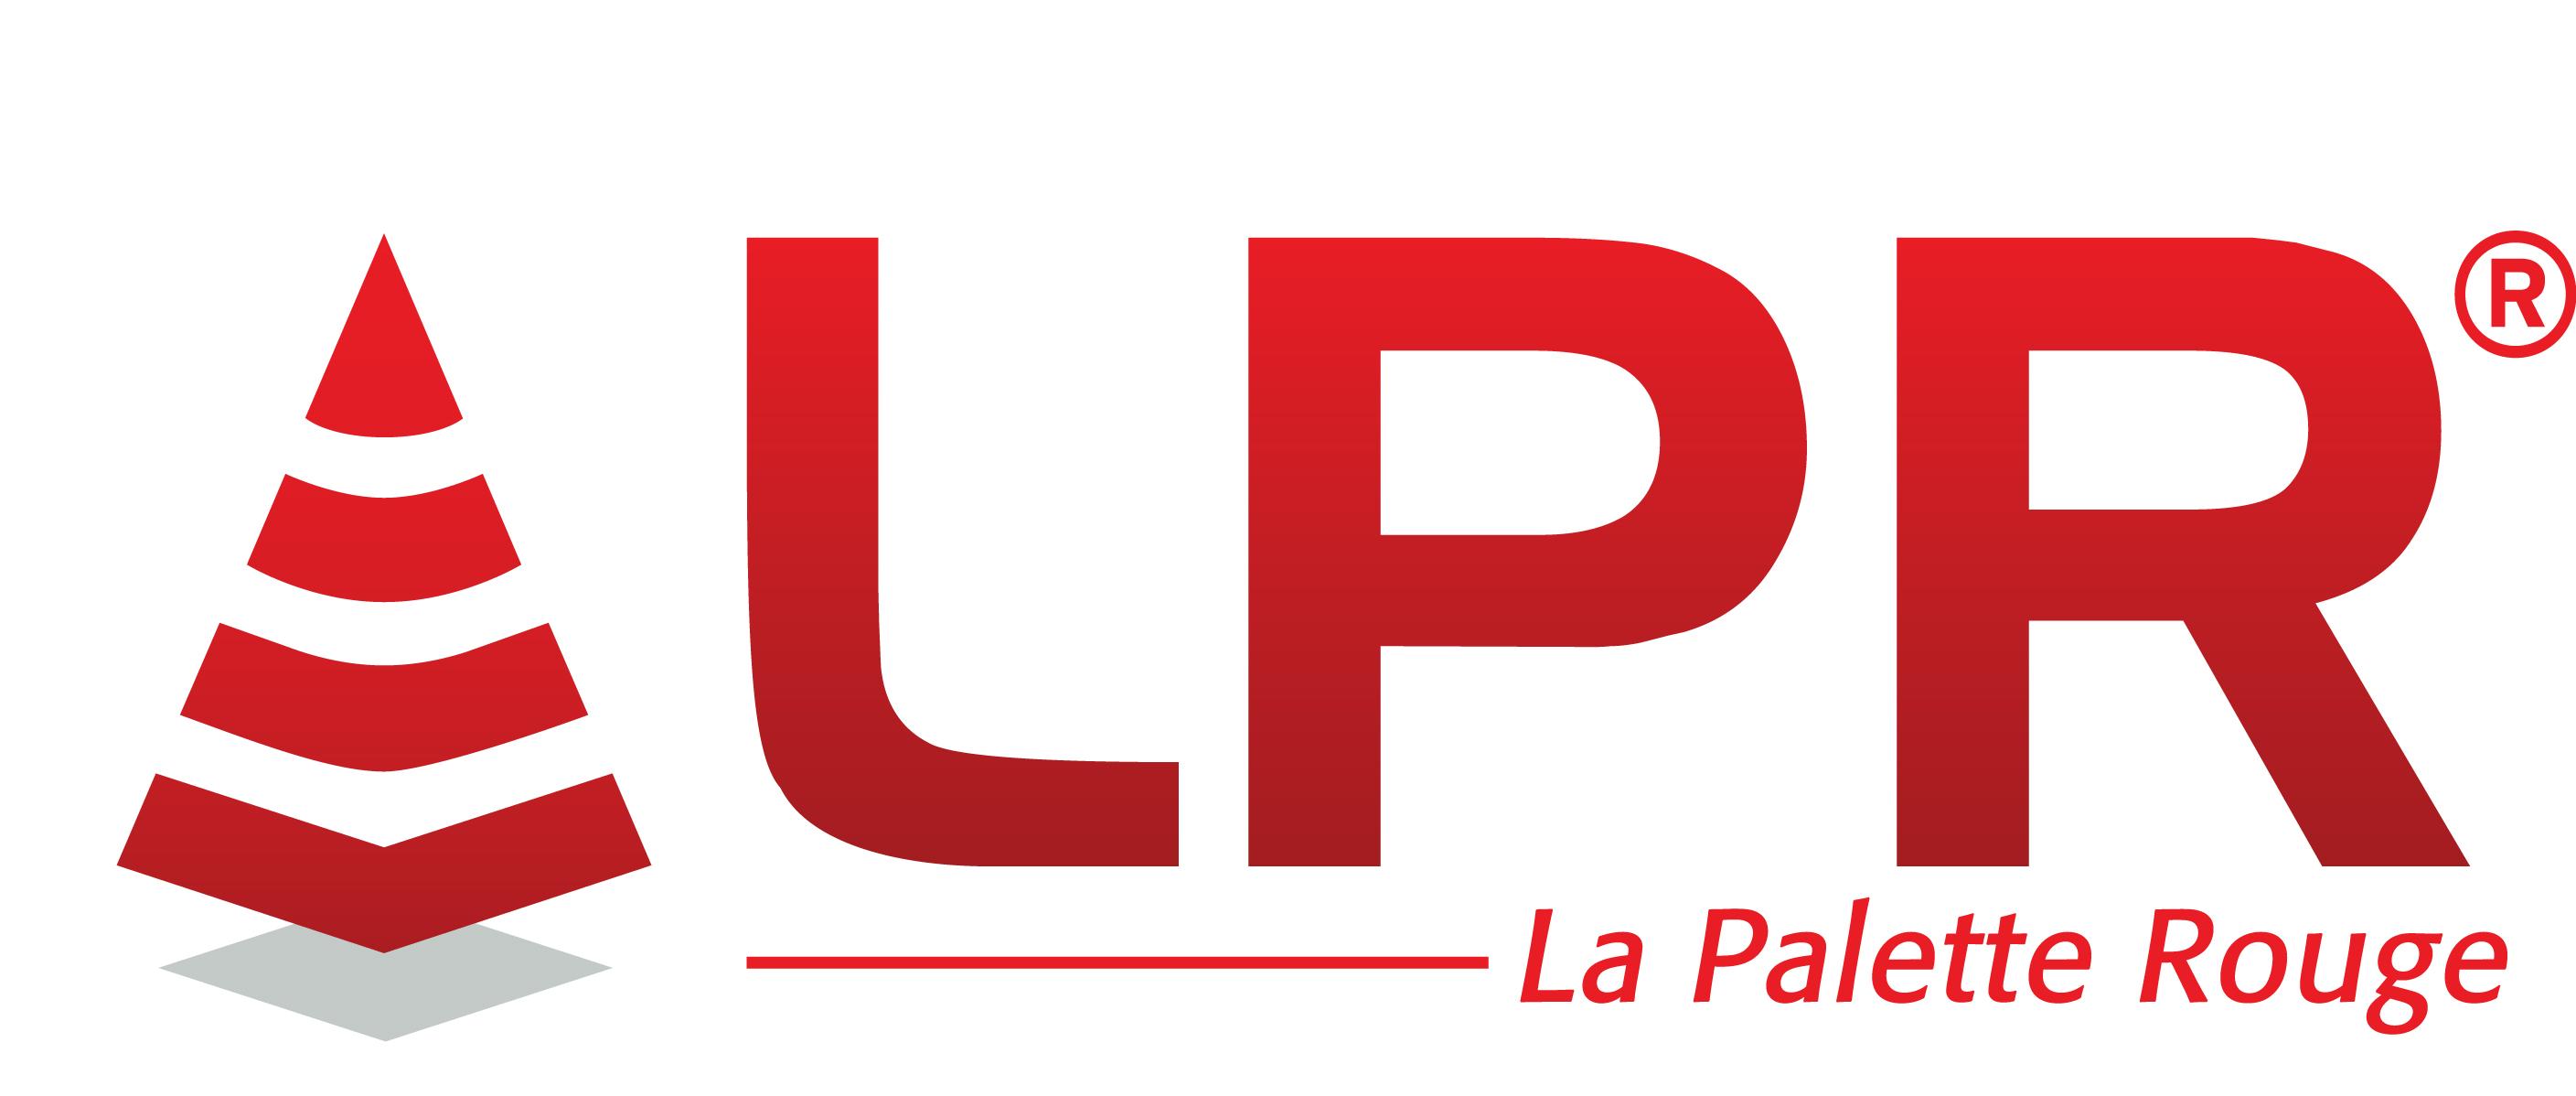 La_Palette_Rouge-Logo